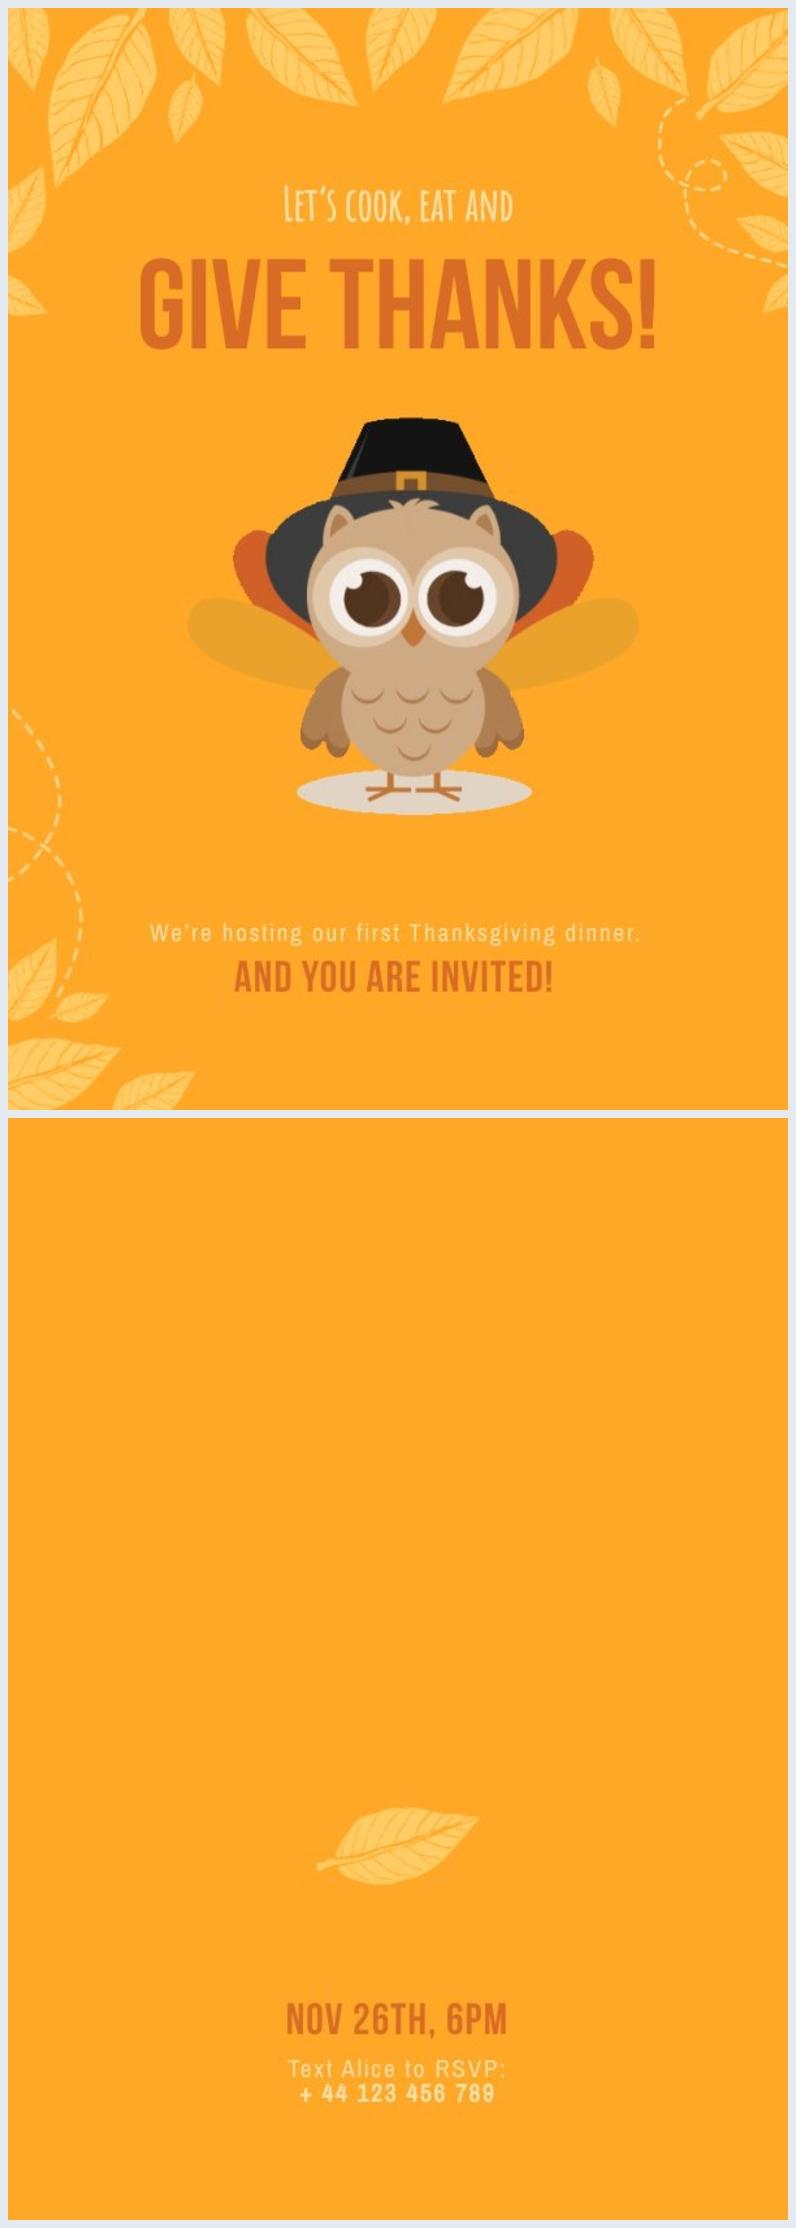 Exemple de design d'invitation de Thanksgiving gratuit